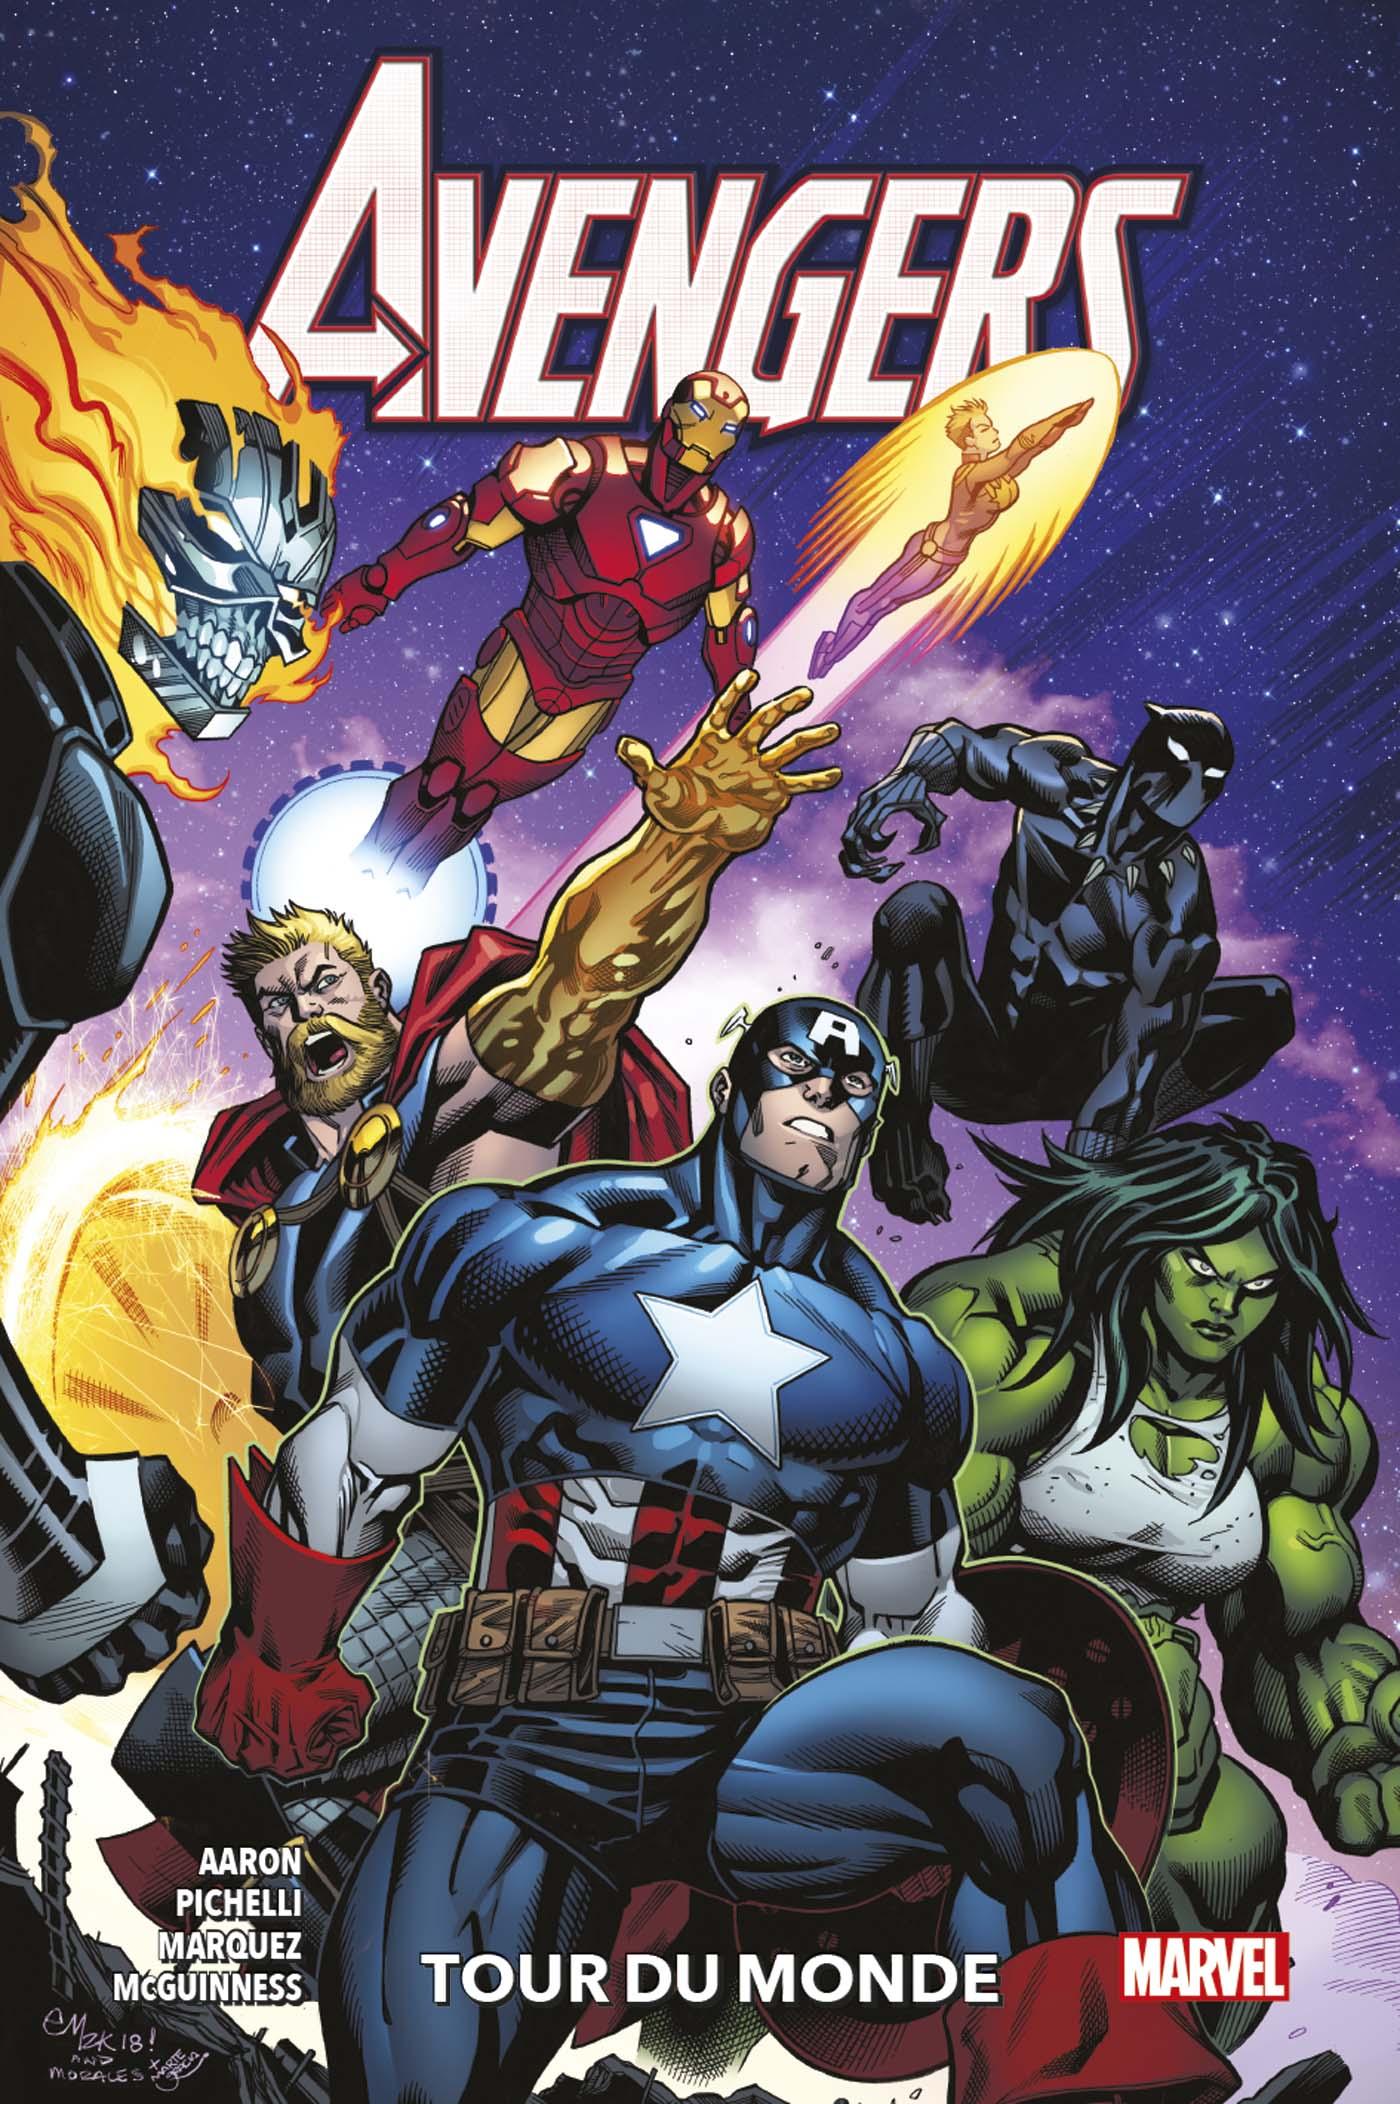 Avengers 2 - Tour du monde